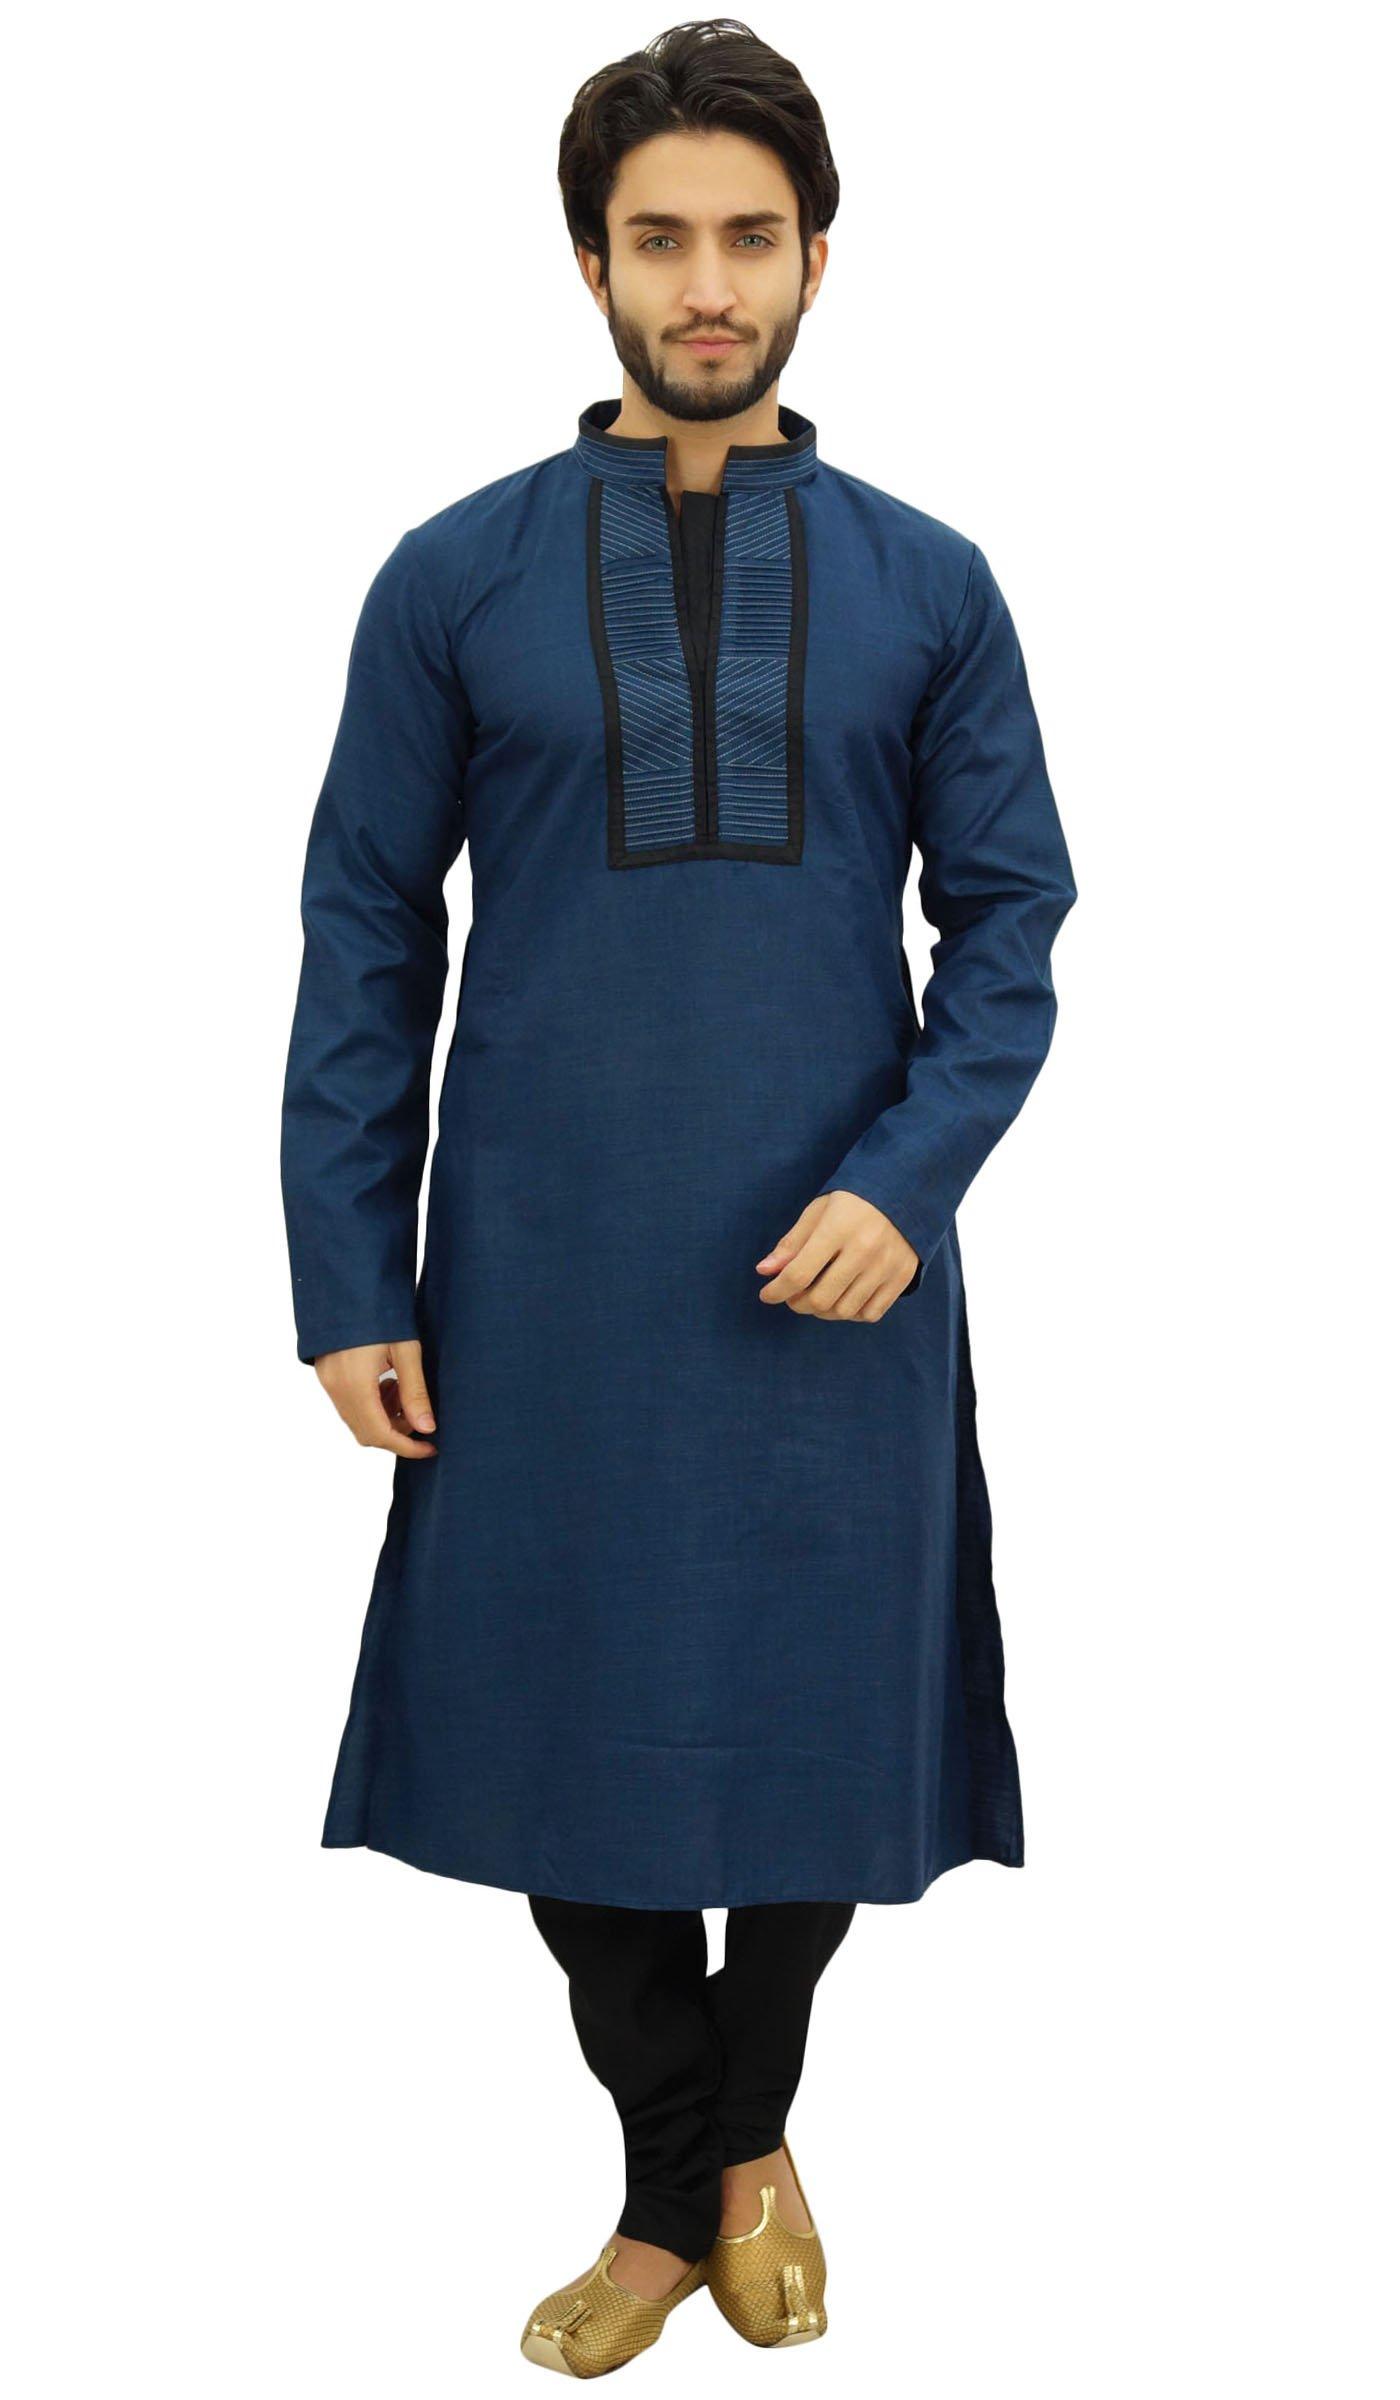 Atasi Men's Blue Designer Kurta Pyjama Set Long Cotton Punjabi Shirt-Medium